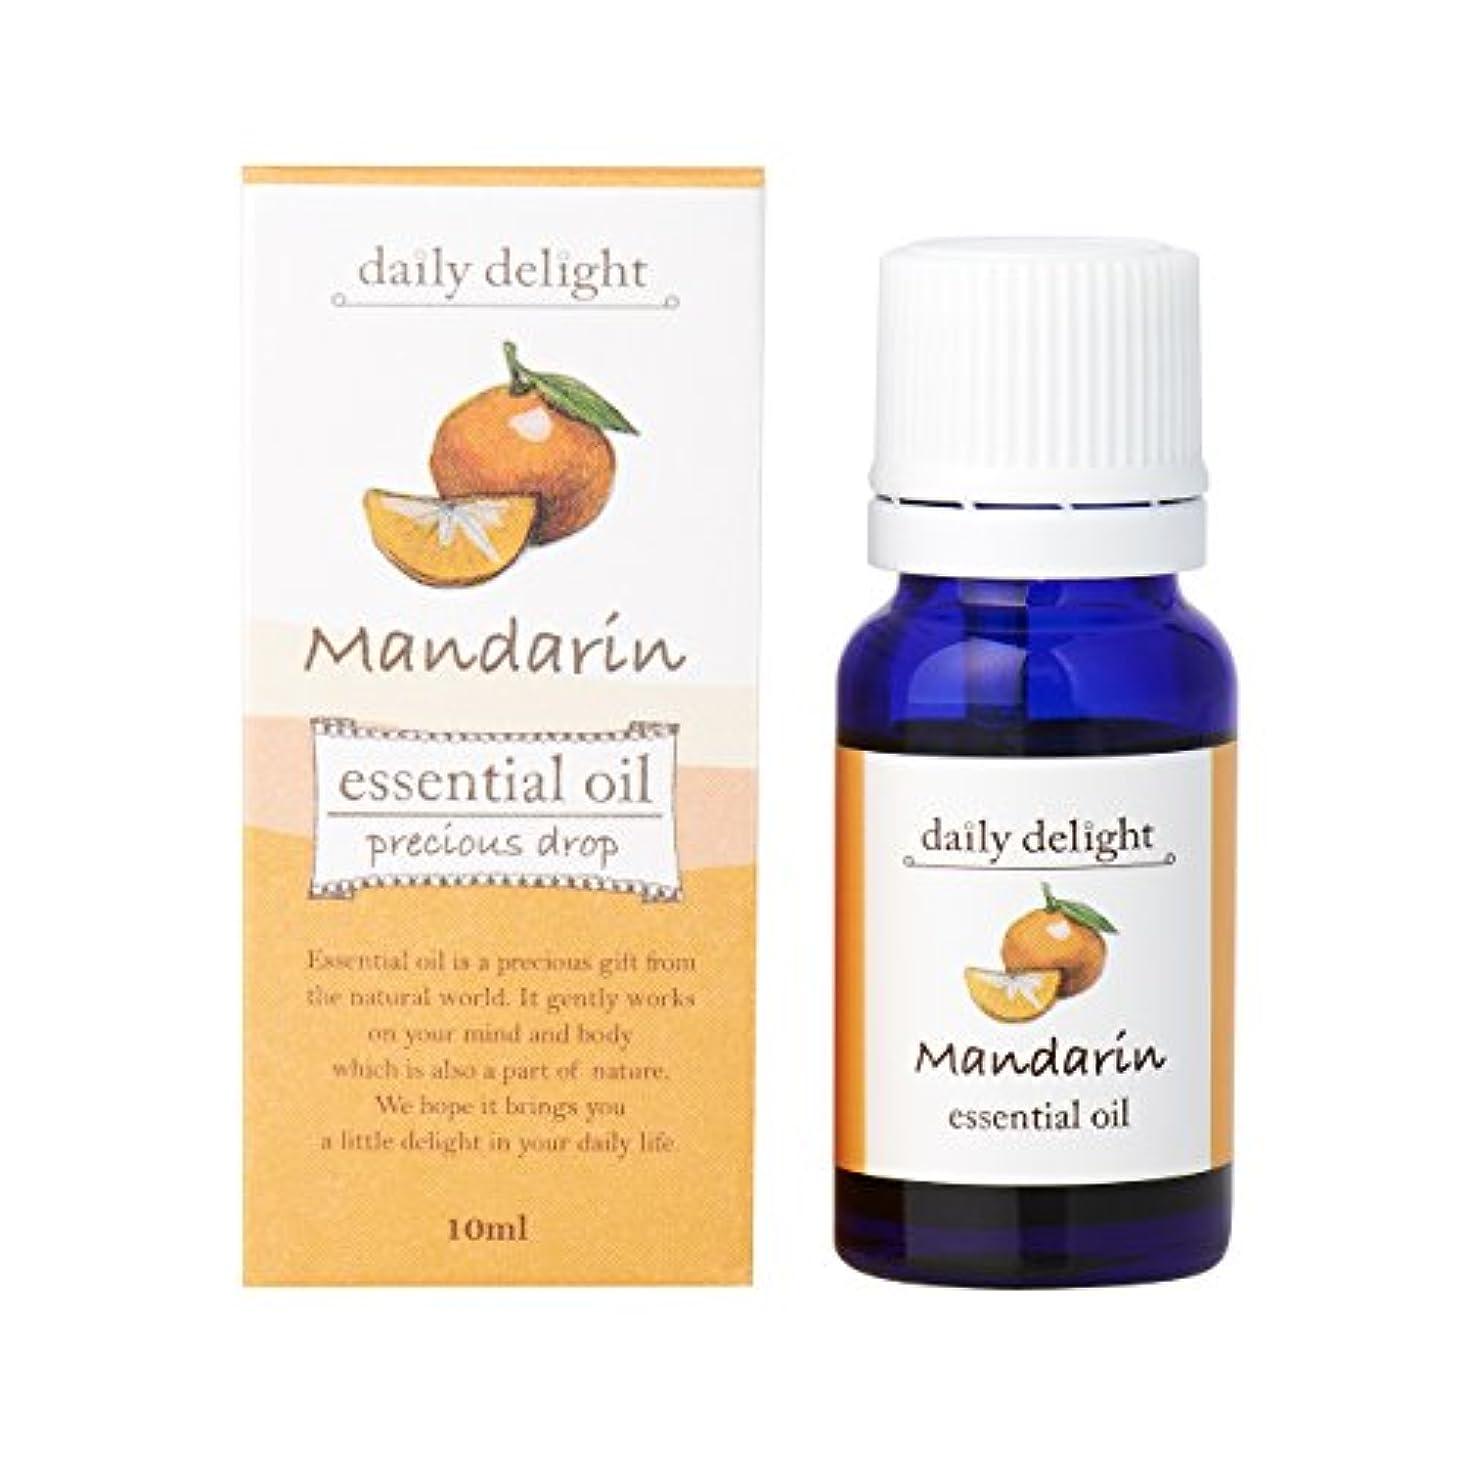 デイリーディライト エッセンシャルオイル  マンダリン 10ml(天然100% 精油 アロマ 柑橘系 オレンジに似ているがより穏やかで落ち着いた印象の香り)